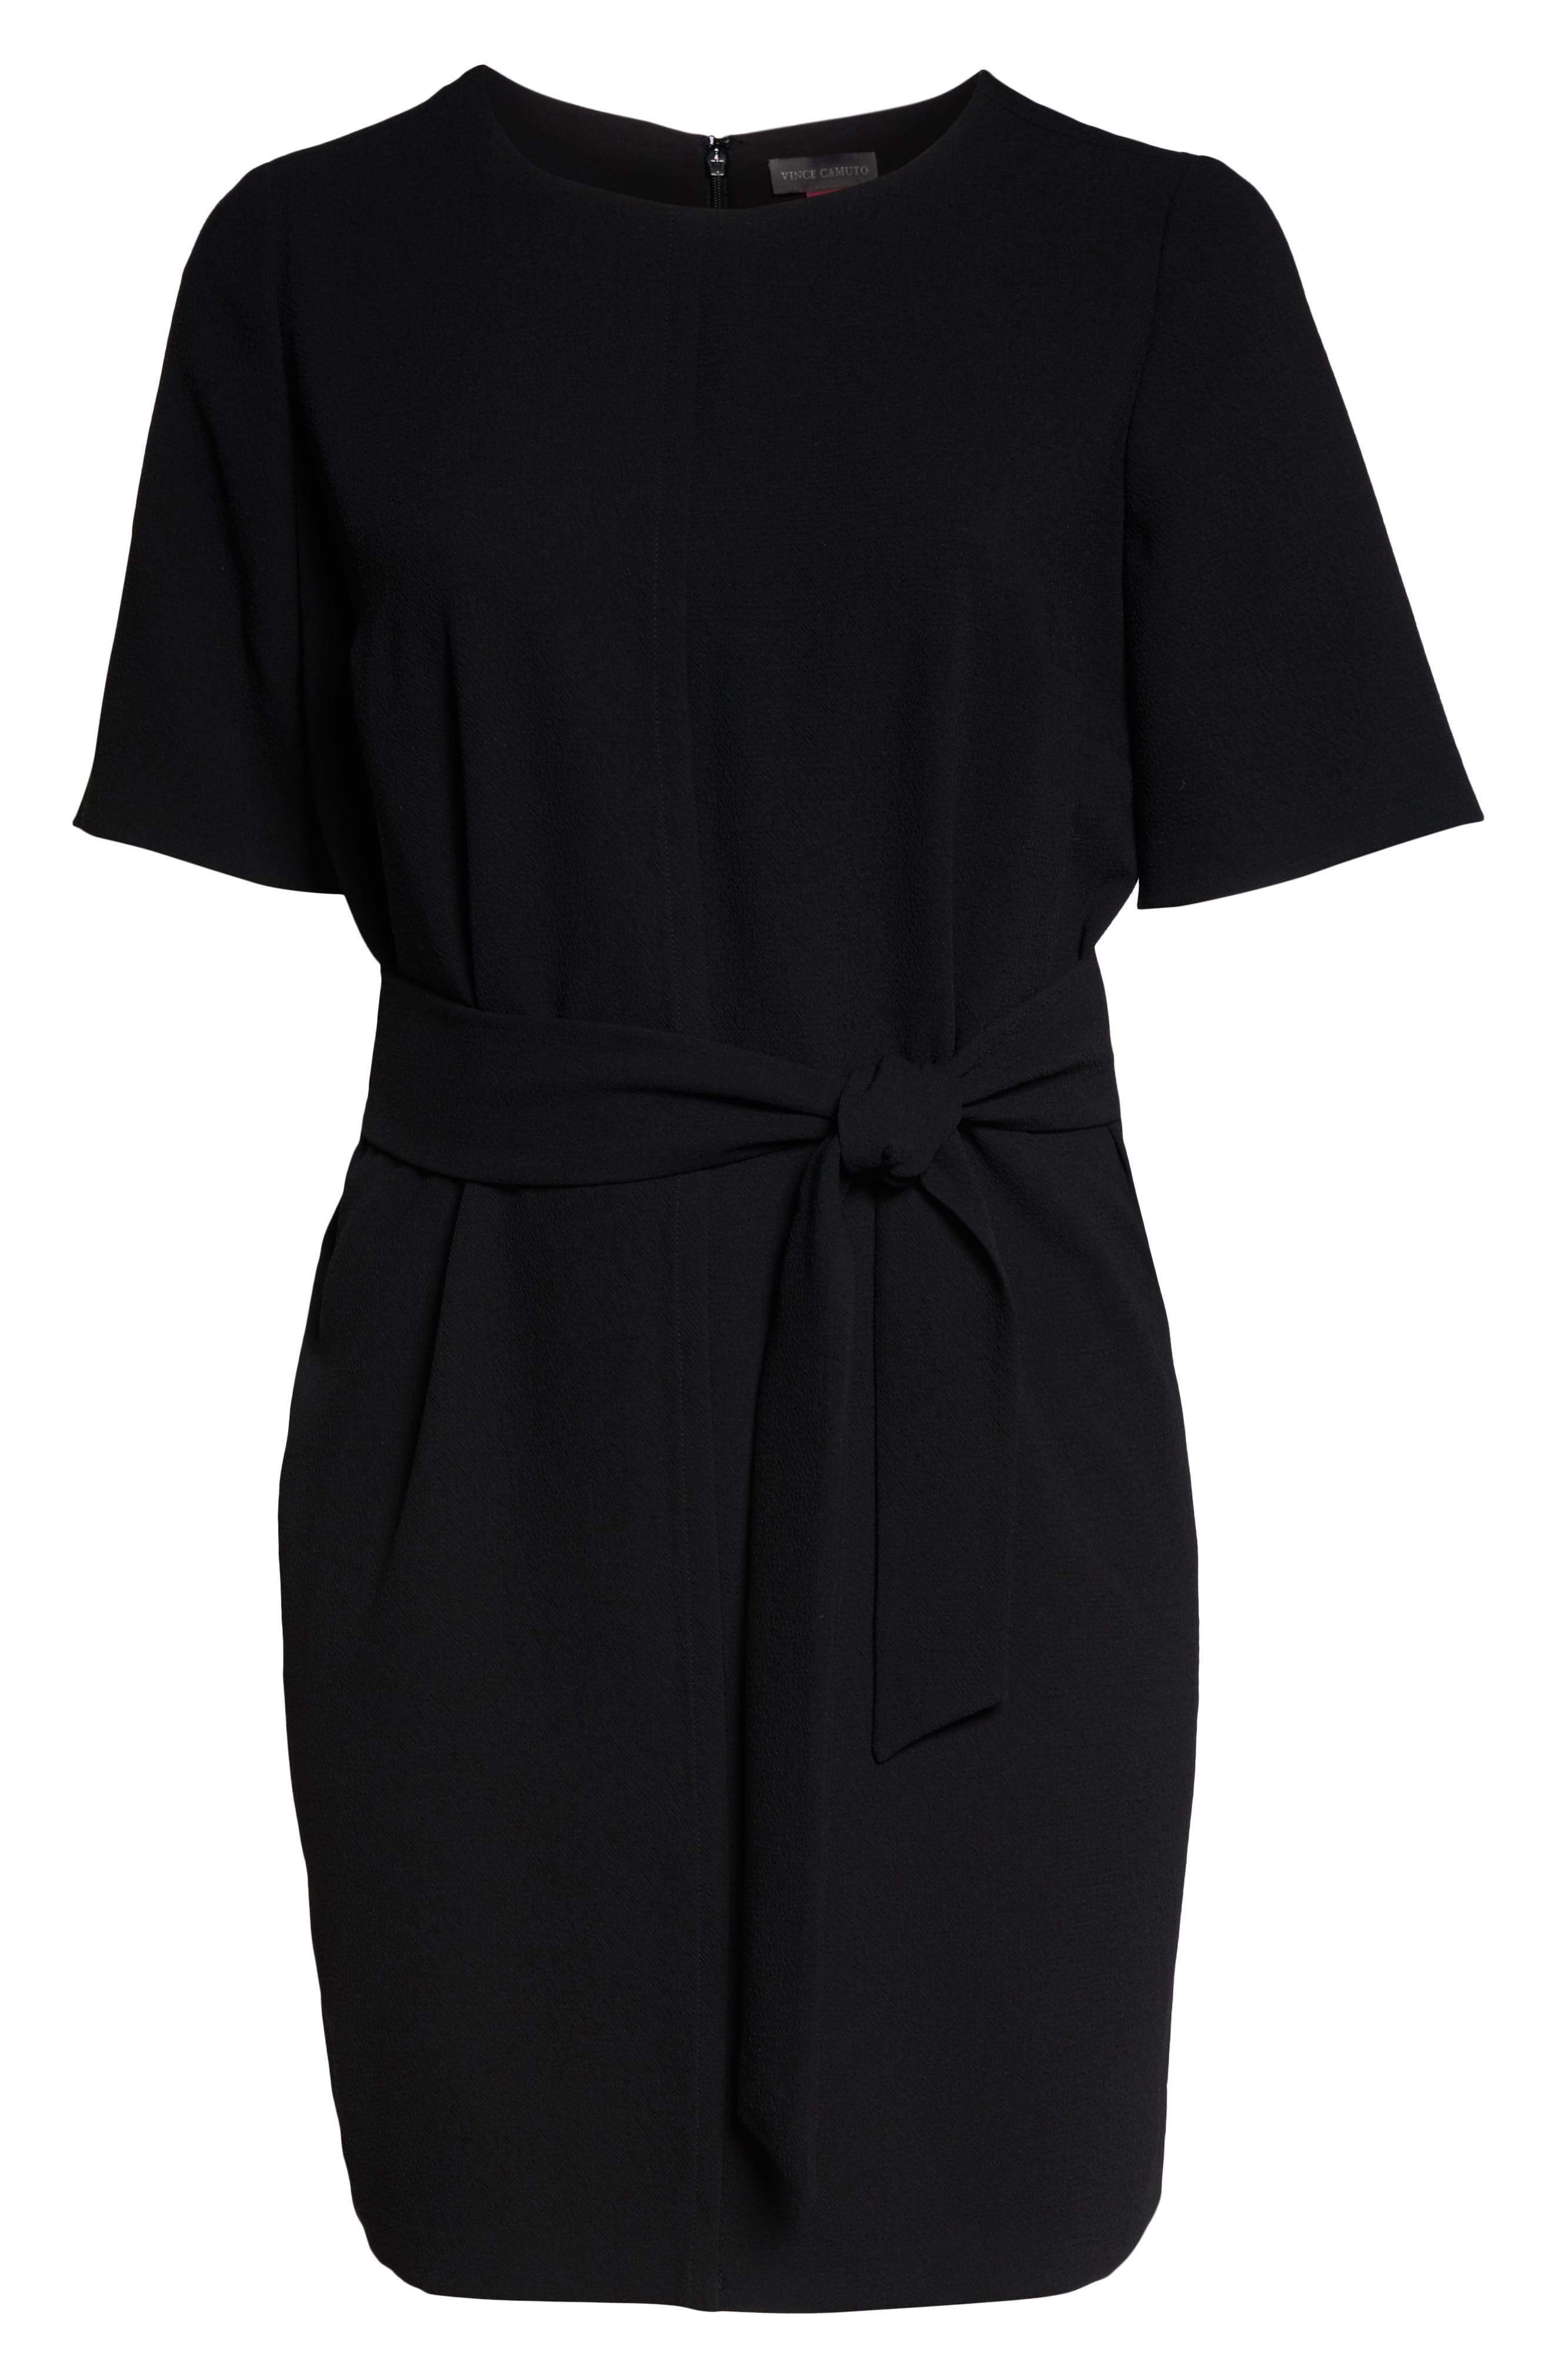 VINCE CAMUTO, Belt Parisian Crepe Dress, Alternate thumbnail 7, color, RICH BLACK